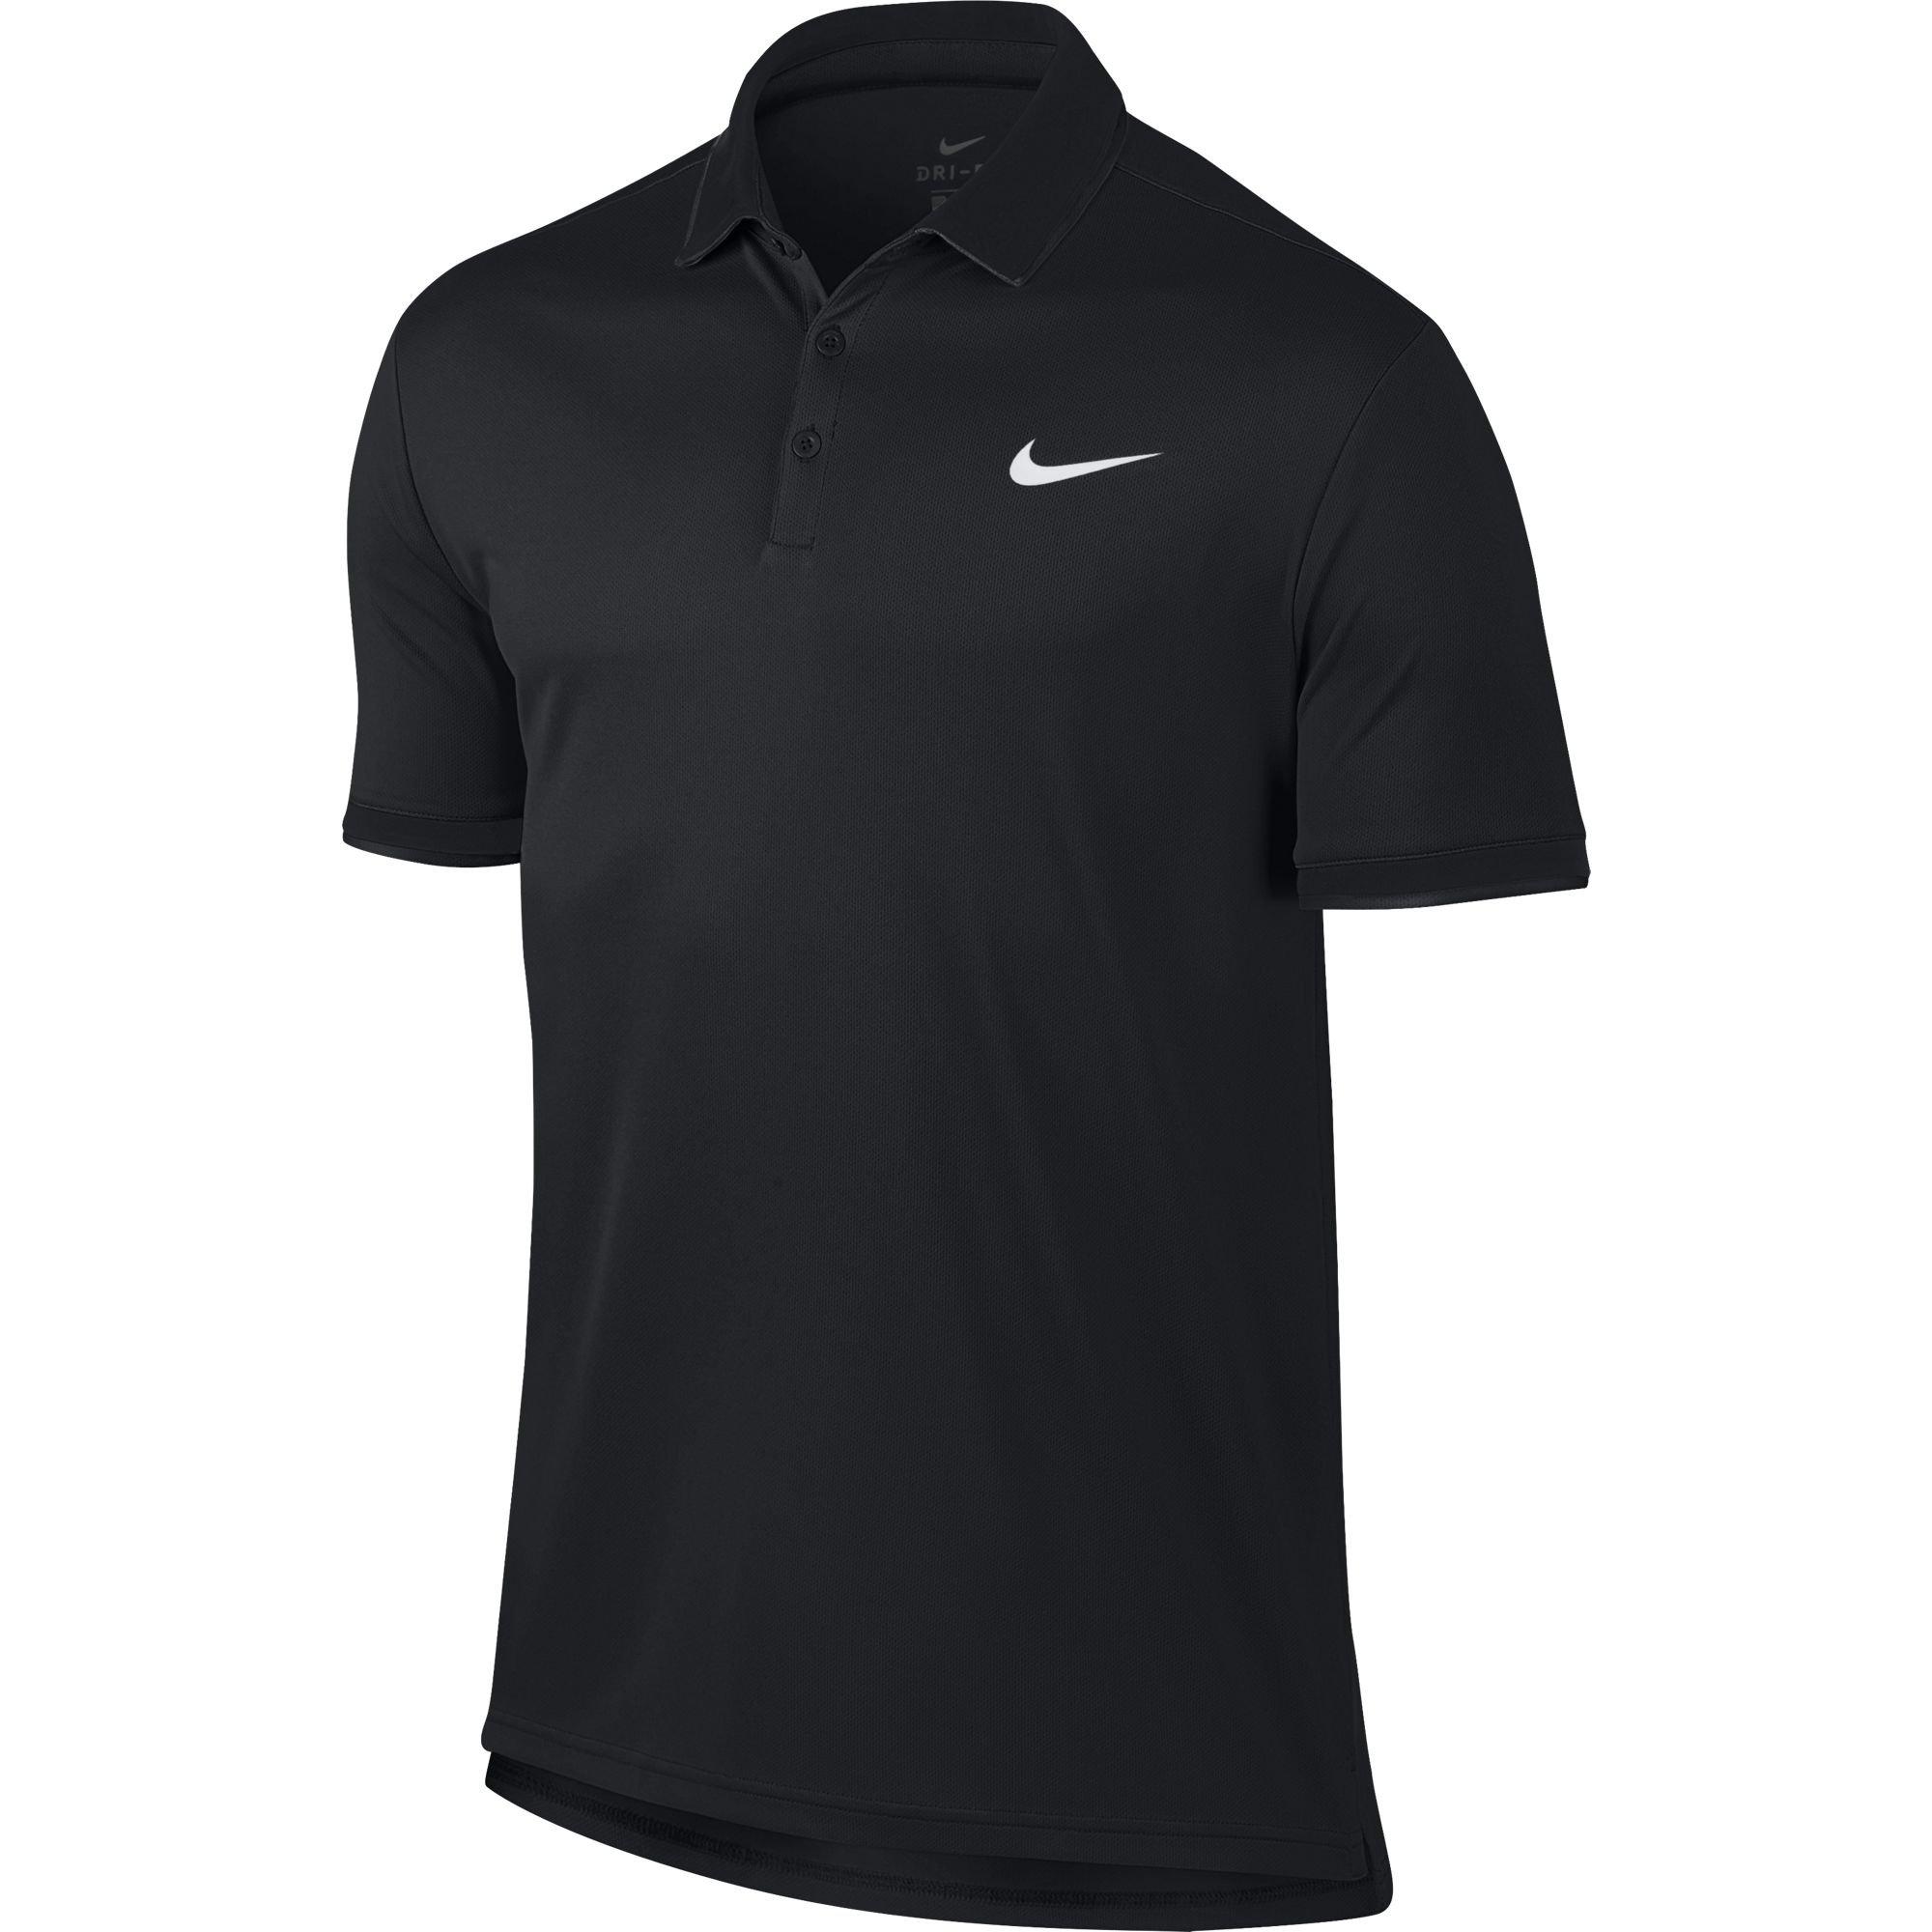 Nike Men's Court Dry Tennis Polo Black/White Size Small